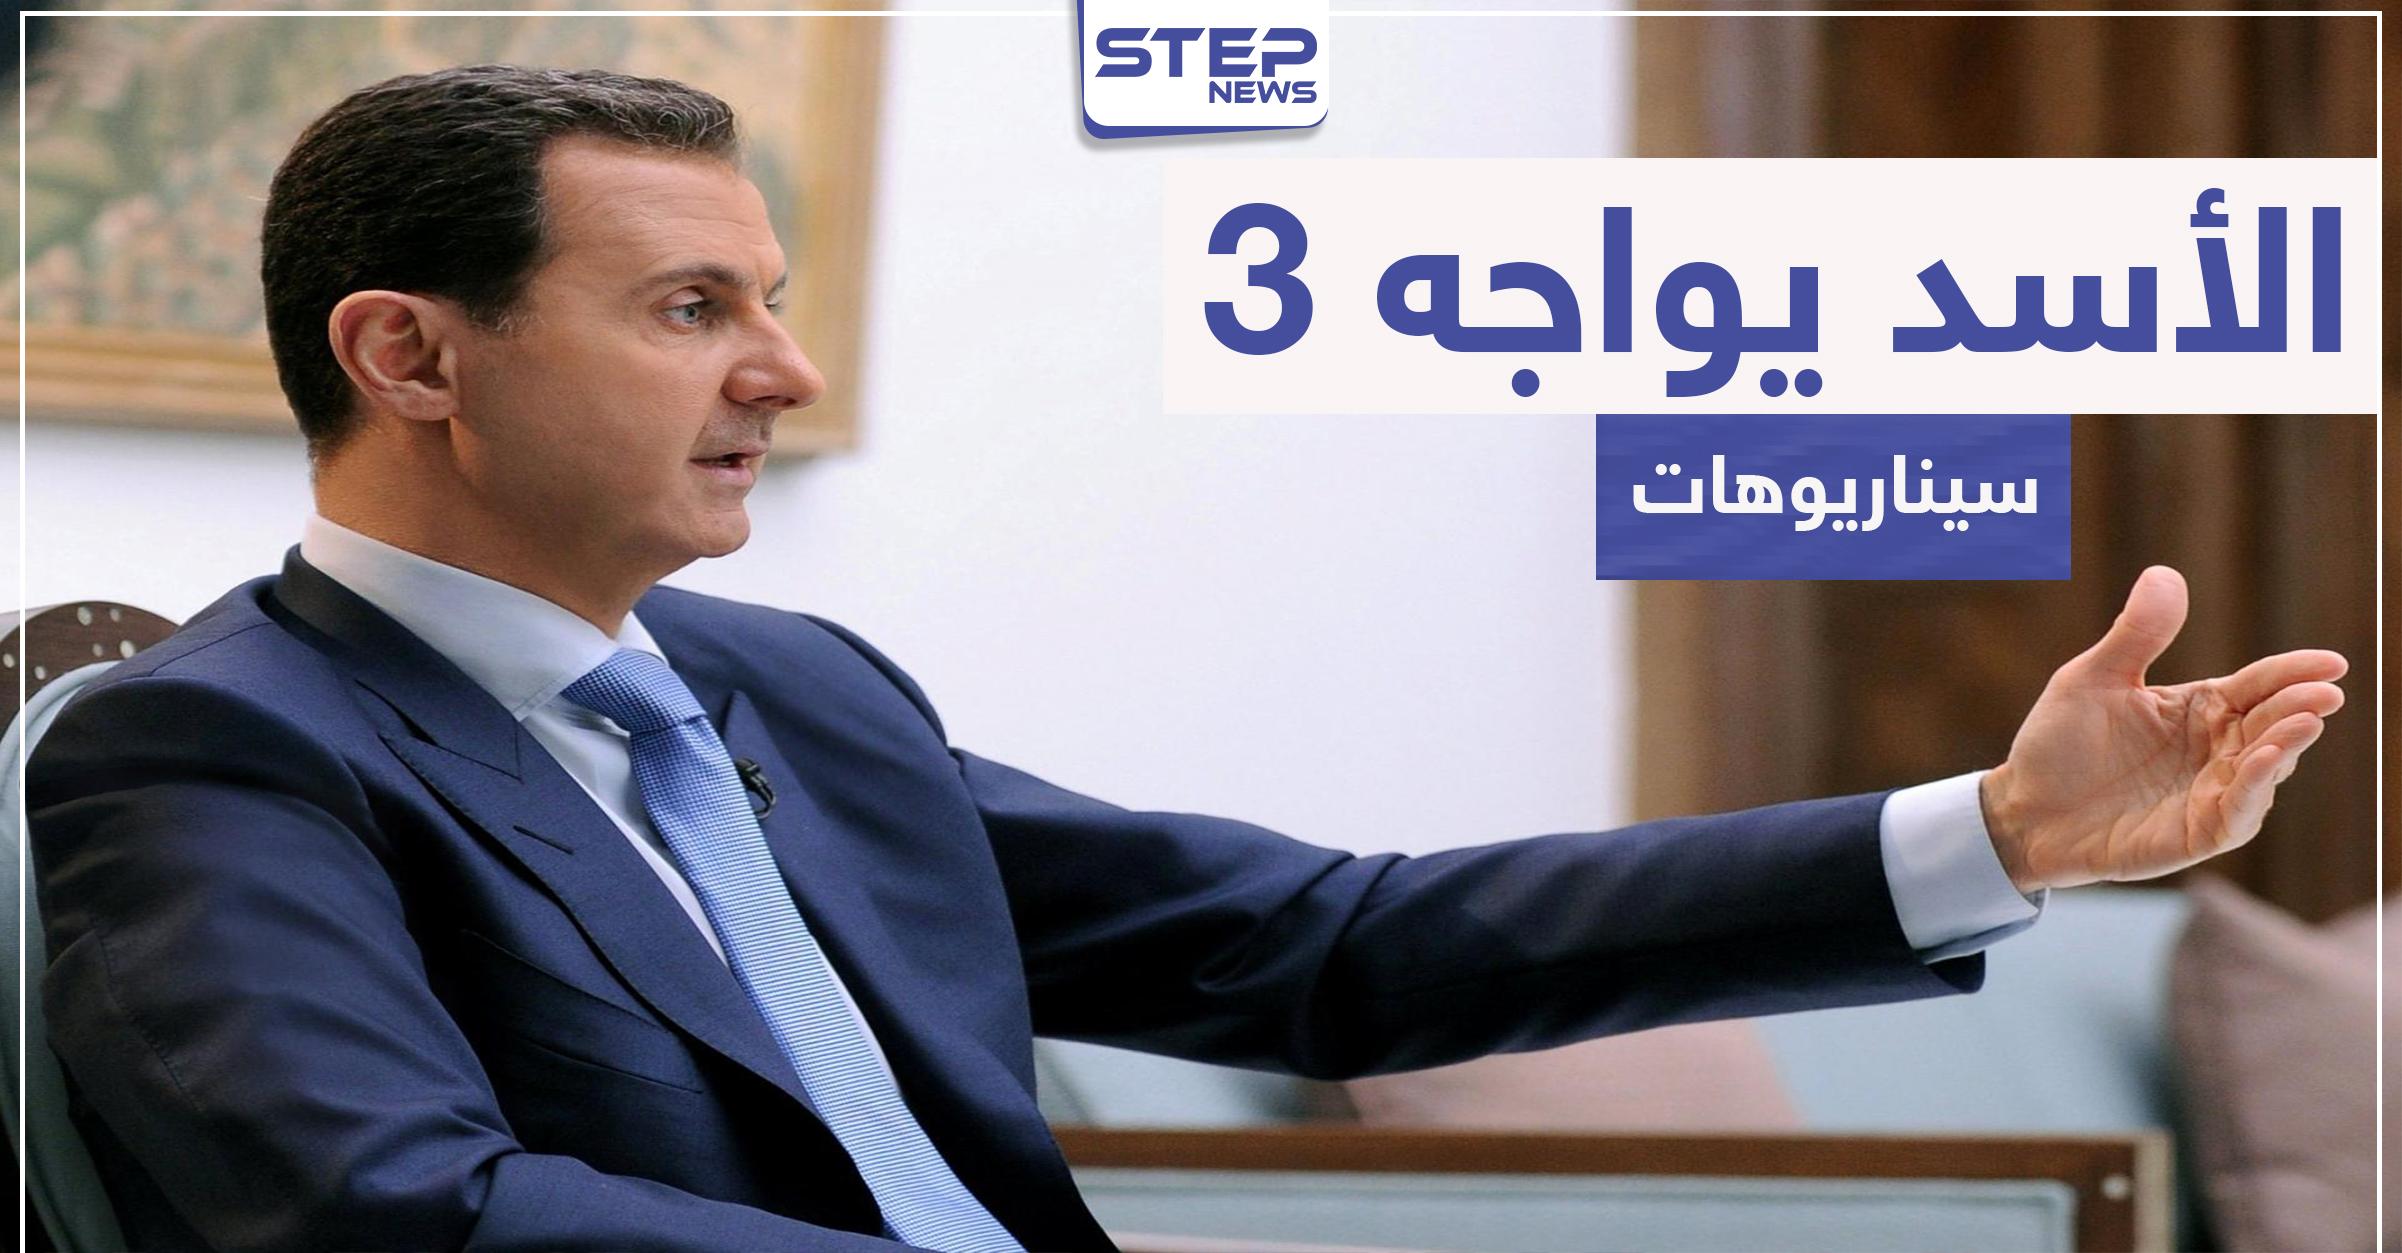 مجلة أمريكية: الأسد في أضعف حالاته وأمامه 3 سيناريوهات